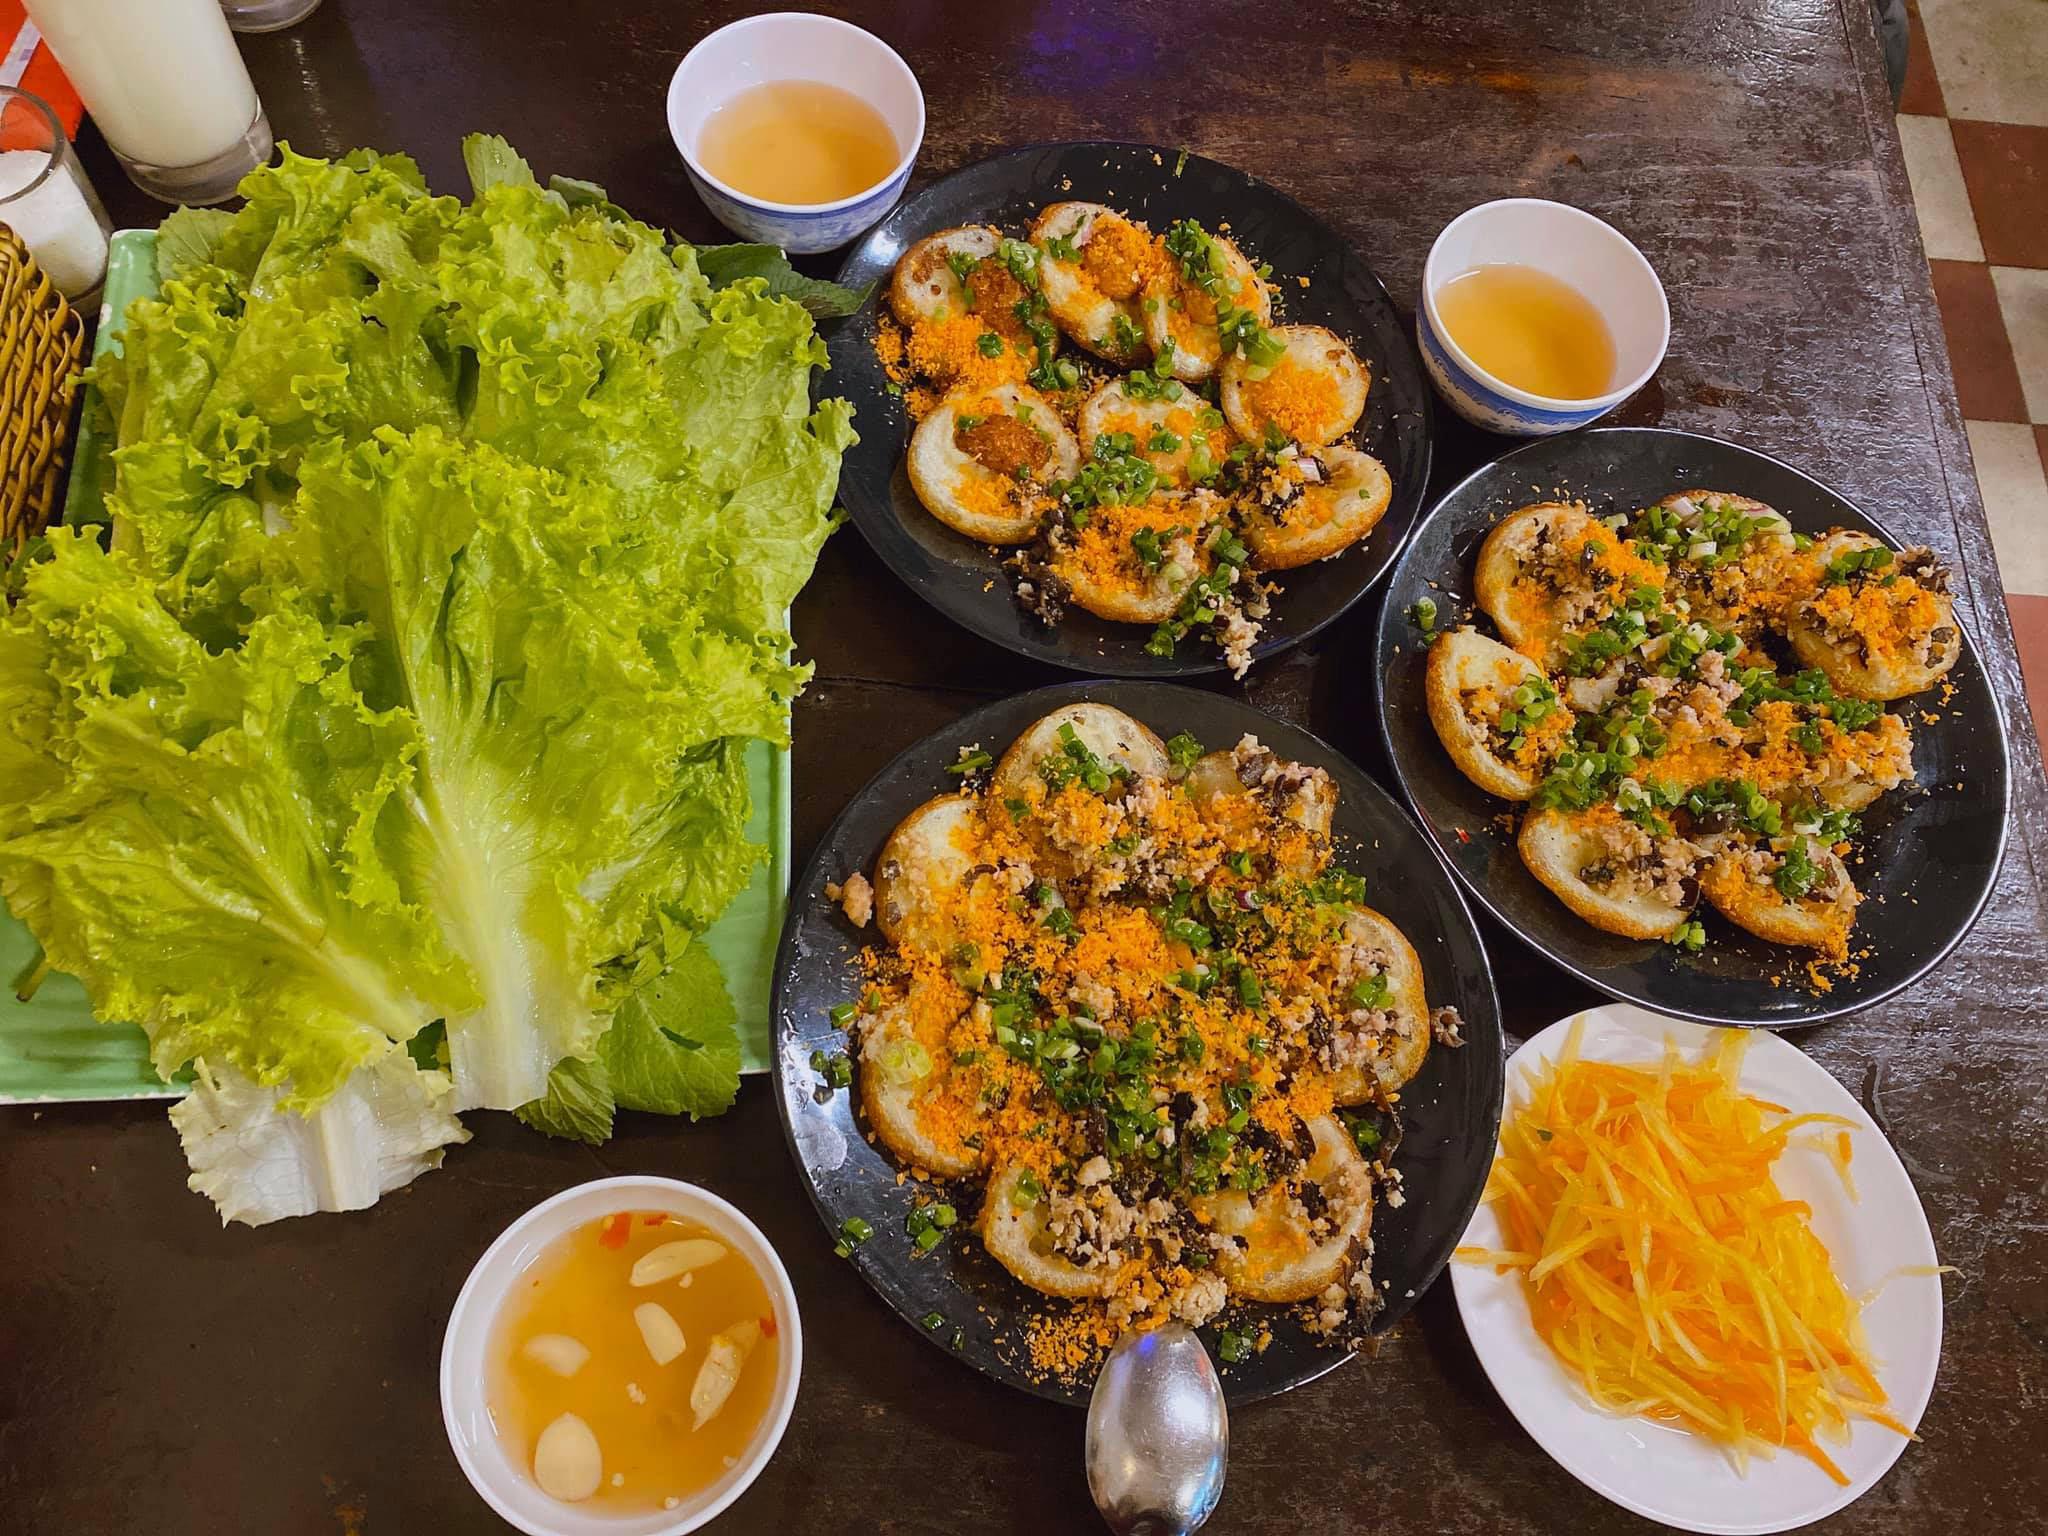 Hé lộ về tuần trăng mật của vợ chồng Phan Văn Đức: Đi đúng mùa dịch nên chỉ toàn ăn và ngủ! 3